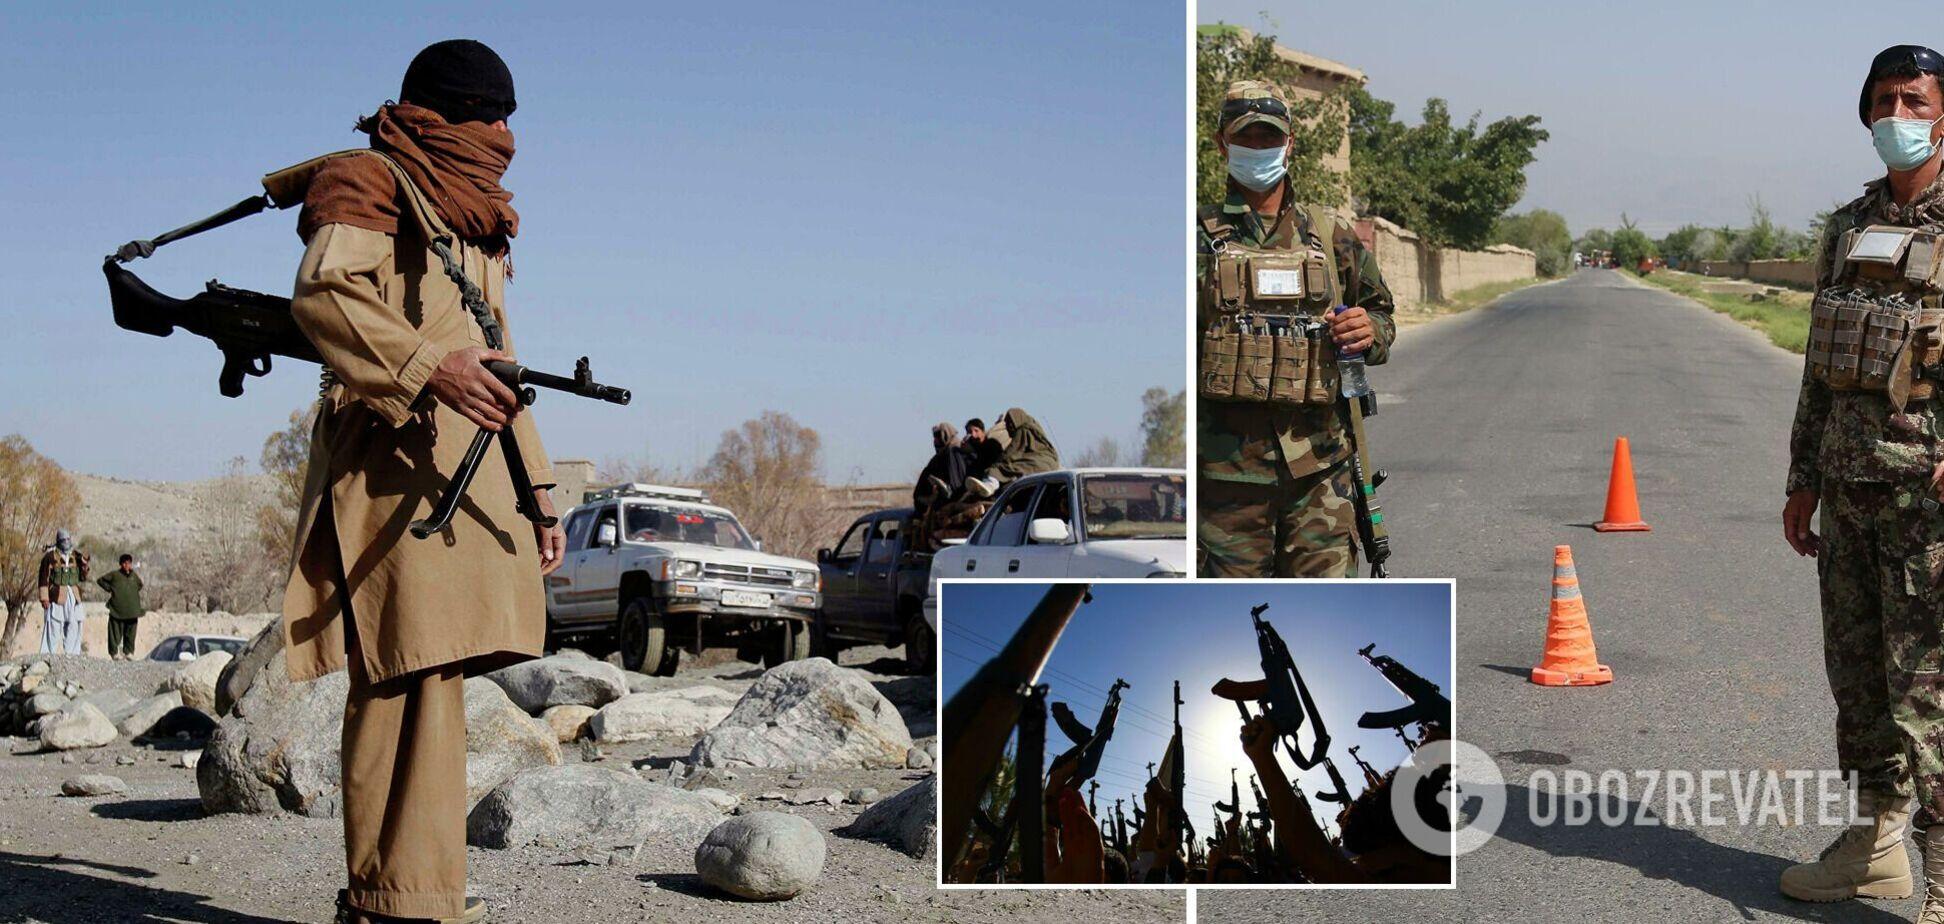 Смертельная стрельба в Кабуле и засада для талибов в Панджшере. Главное о ситуации в Афганистане